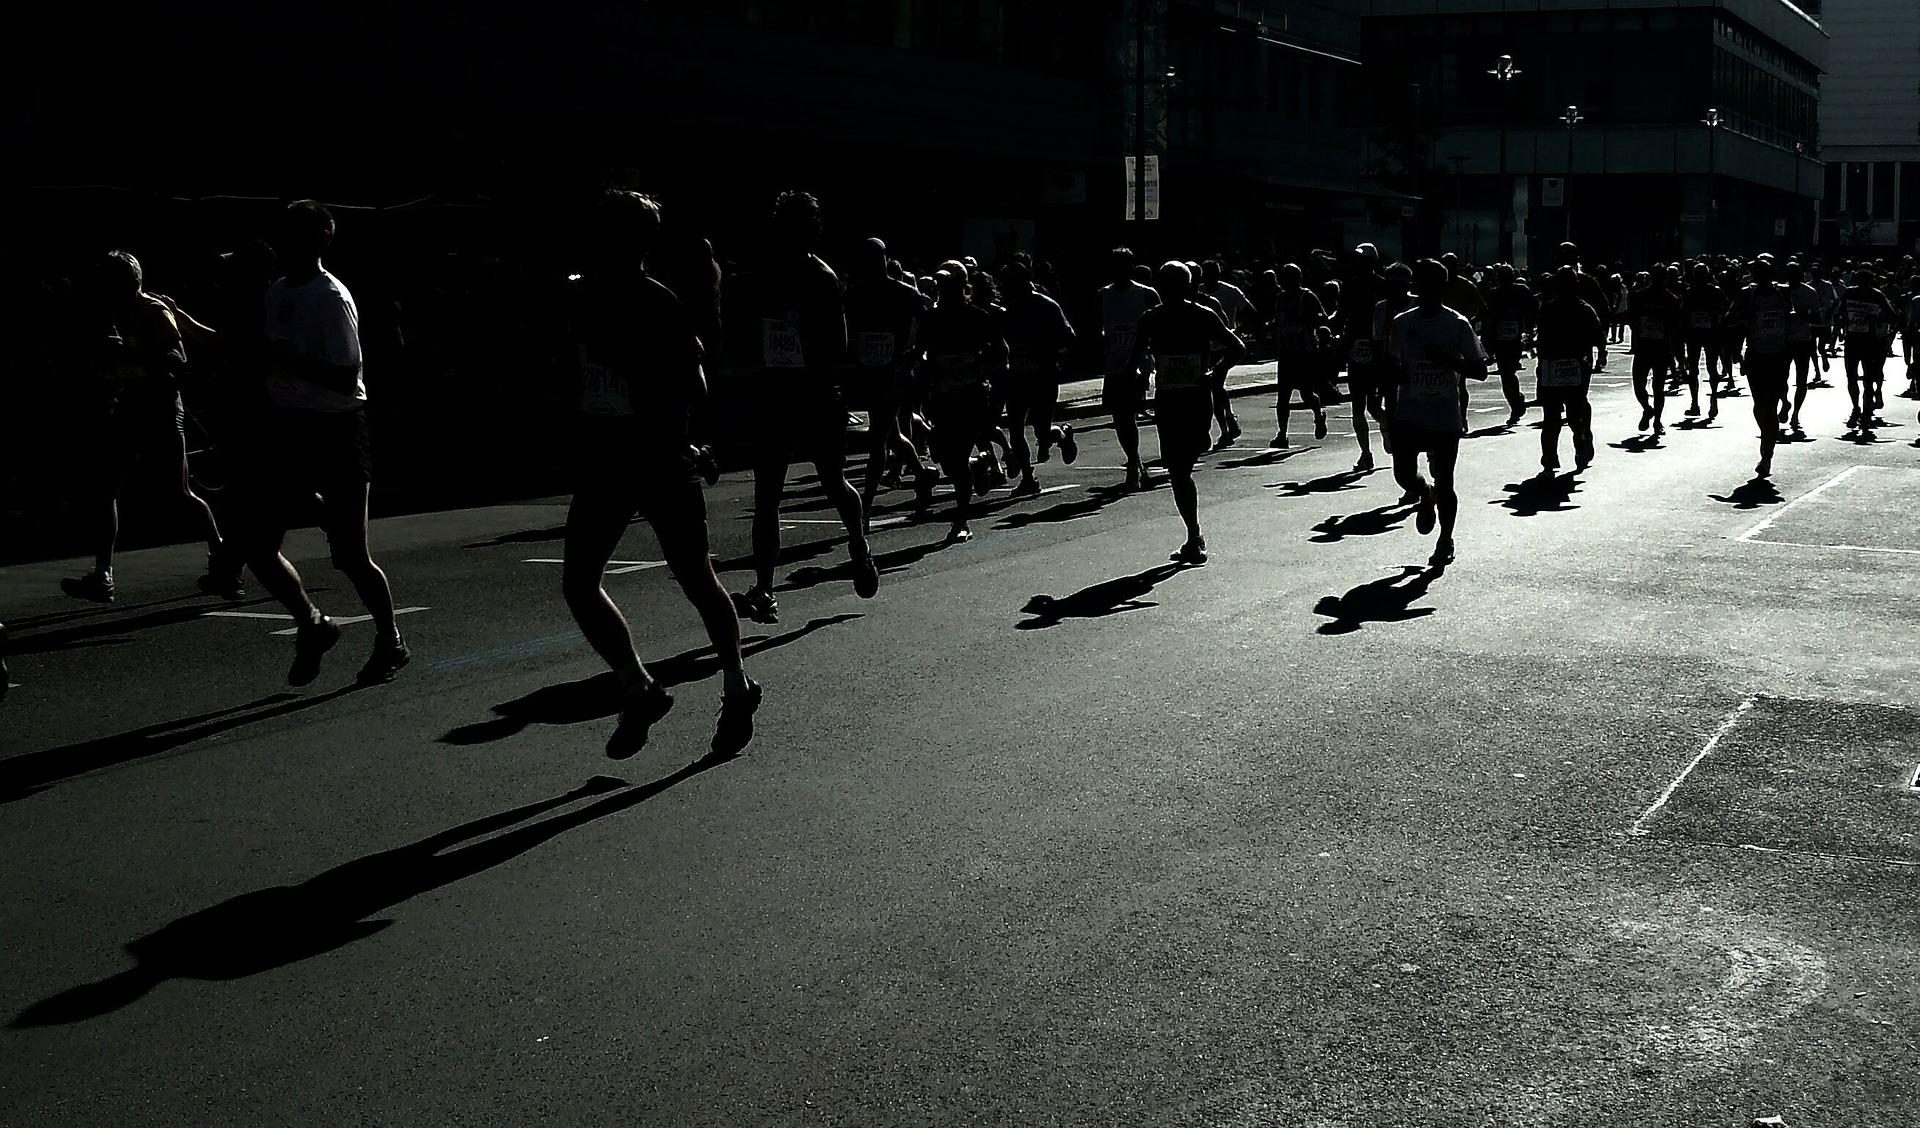 Shadows Part 11